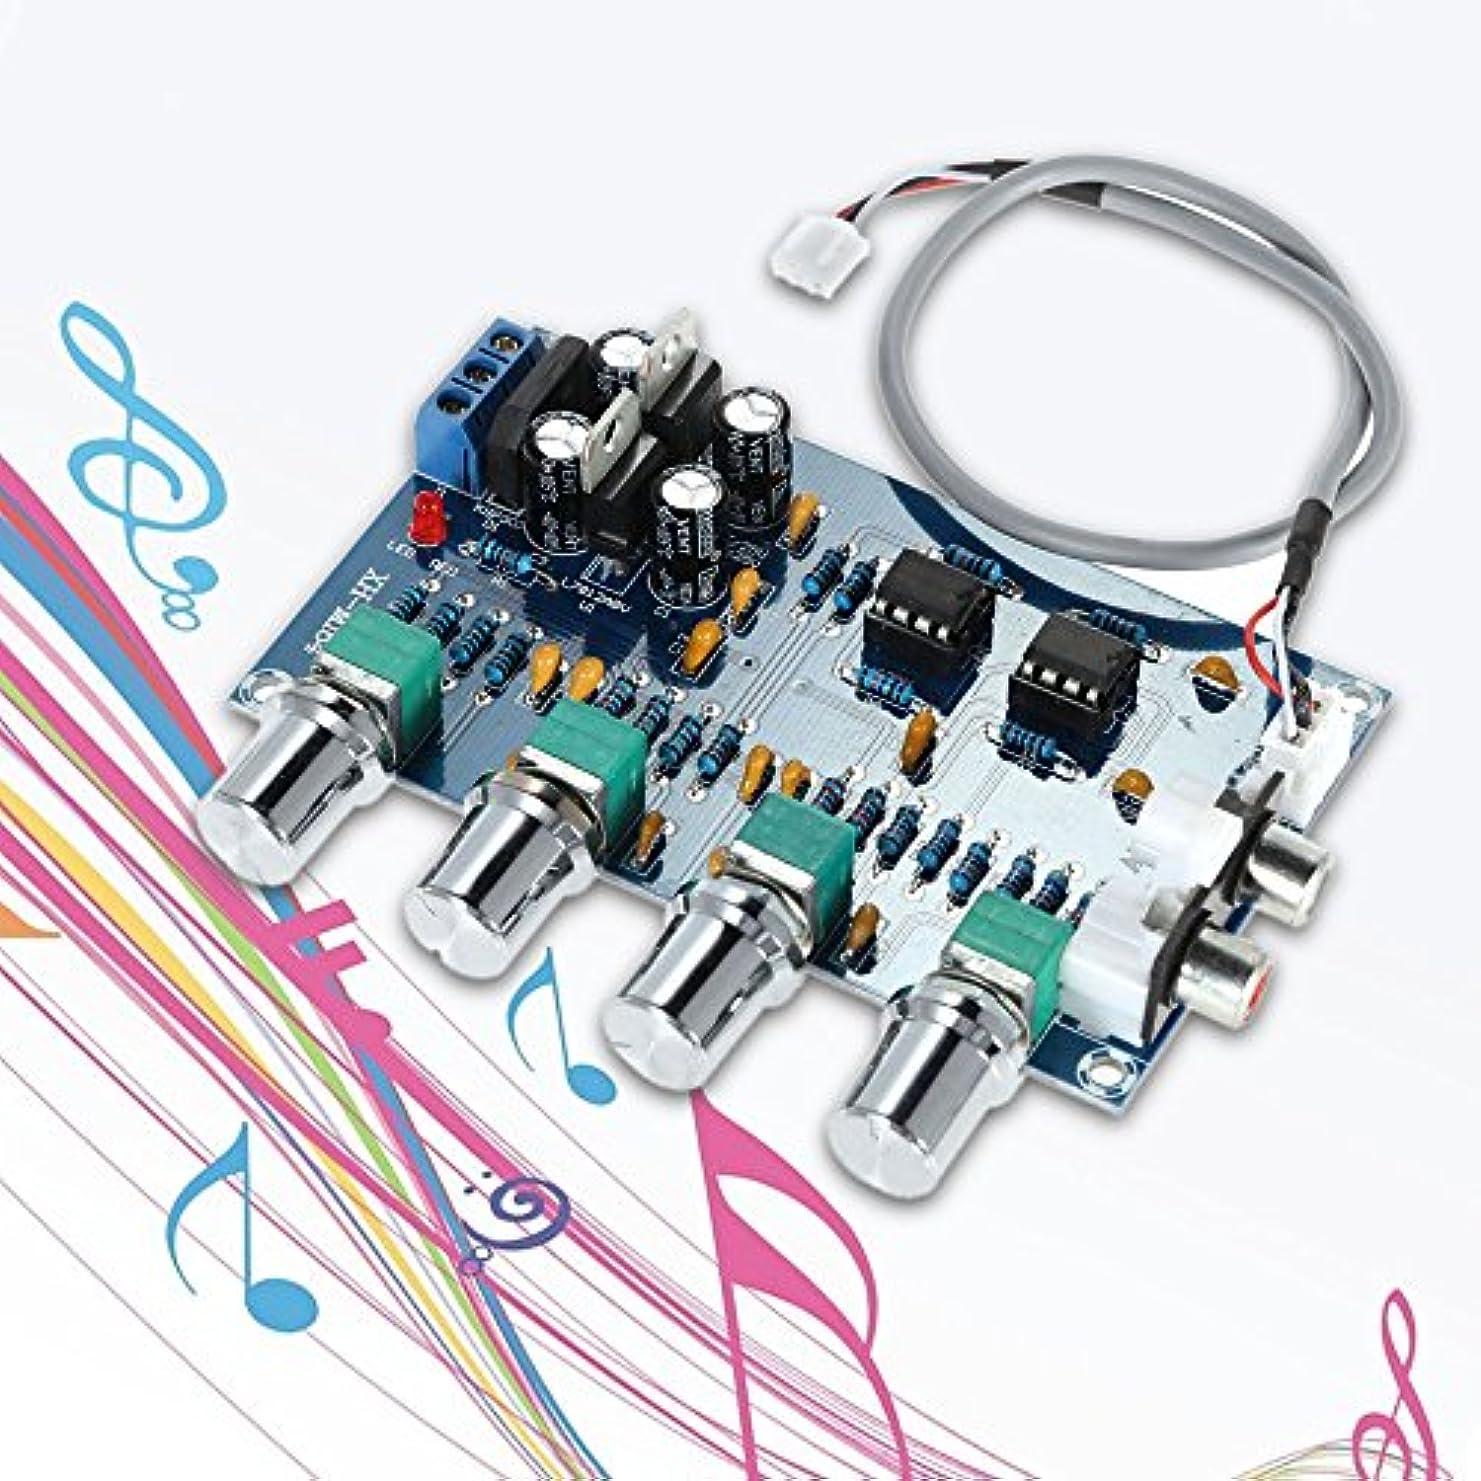 戦争脚本ステップWunes - NE5532オーディオ4つのチャンネルのプリアンプのトーンボード品質ステレオプリアンプアンプボード専門の電話チャネル?アンプ